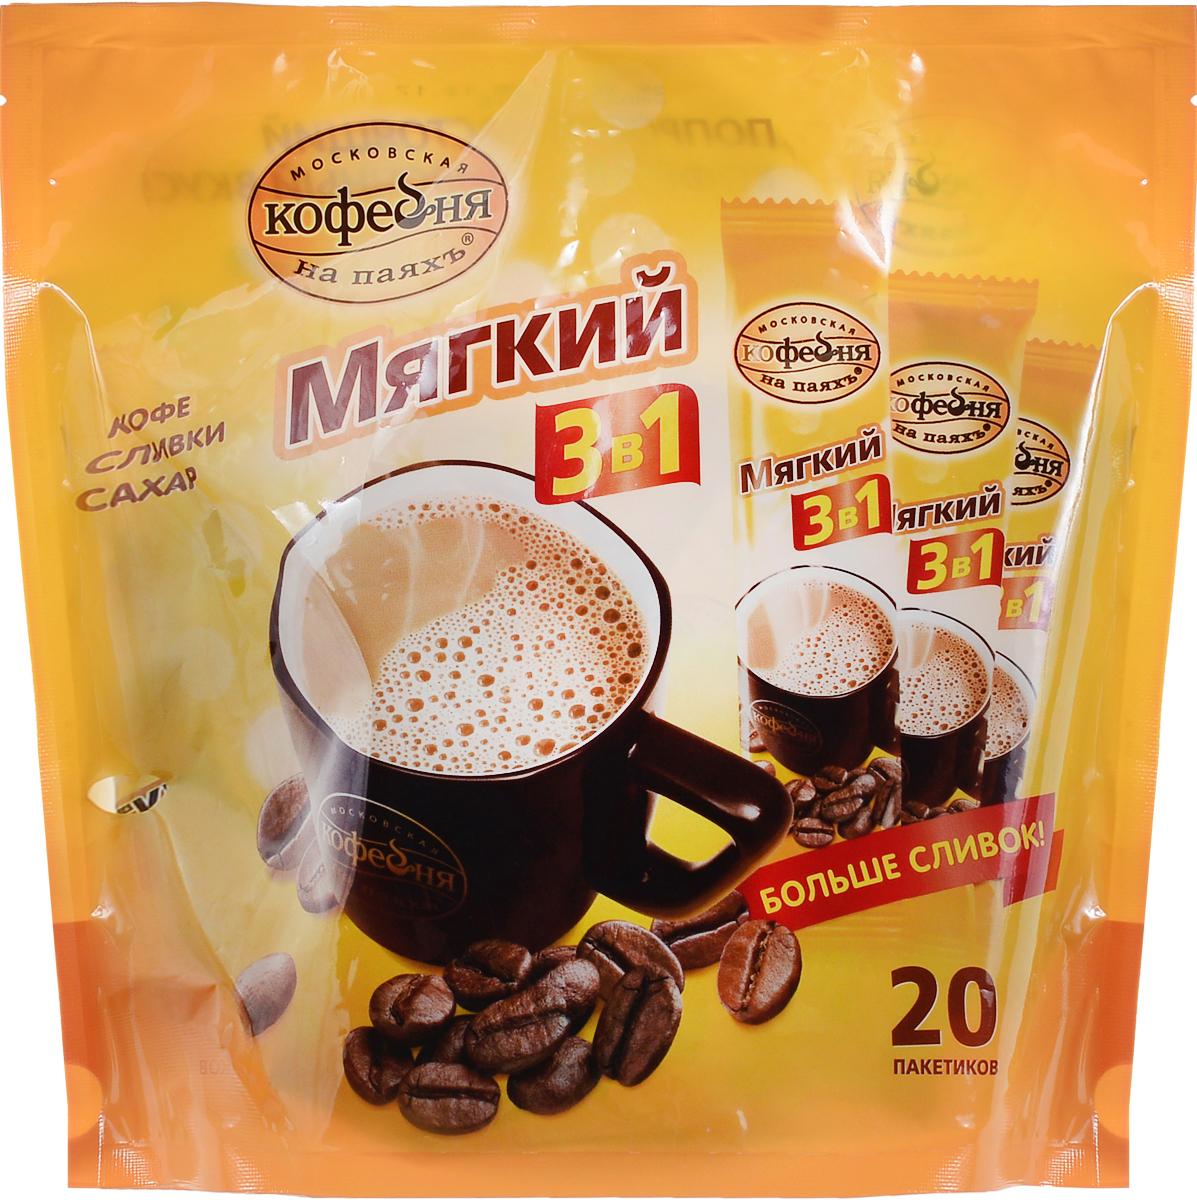 Московская кофейня на паяхъ Мягкий 3 в 1 напиток кофейный растворимый в пакетиках, 20 шт0120710Напиток кофейный растворимый Московская кофейня на паяхъ - мягкий кремовый вкус - еще больше сливок!Подарите себе наслаждение от чашечки горячего ароматного кофейного напитка! Это не только вкуснейший напиток, но прекрасное средство для снятия усталости и сонливости. Кофейный напиток обладает насыщенным вкусом и чудесным бодрящим ароматом. Кофеин в правильных дозах способен повышать двигательную активность, умственную и физическую работоспособность.В упаковке 20 пакетиков. Уважаемые клиенты! Обращаем ваше внимание, что полный перечень состава продукта представлен на дополнительном изображении.